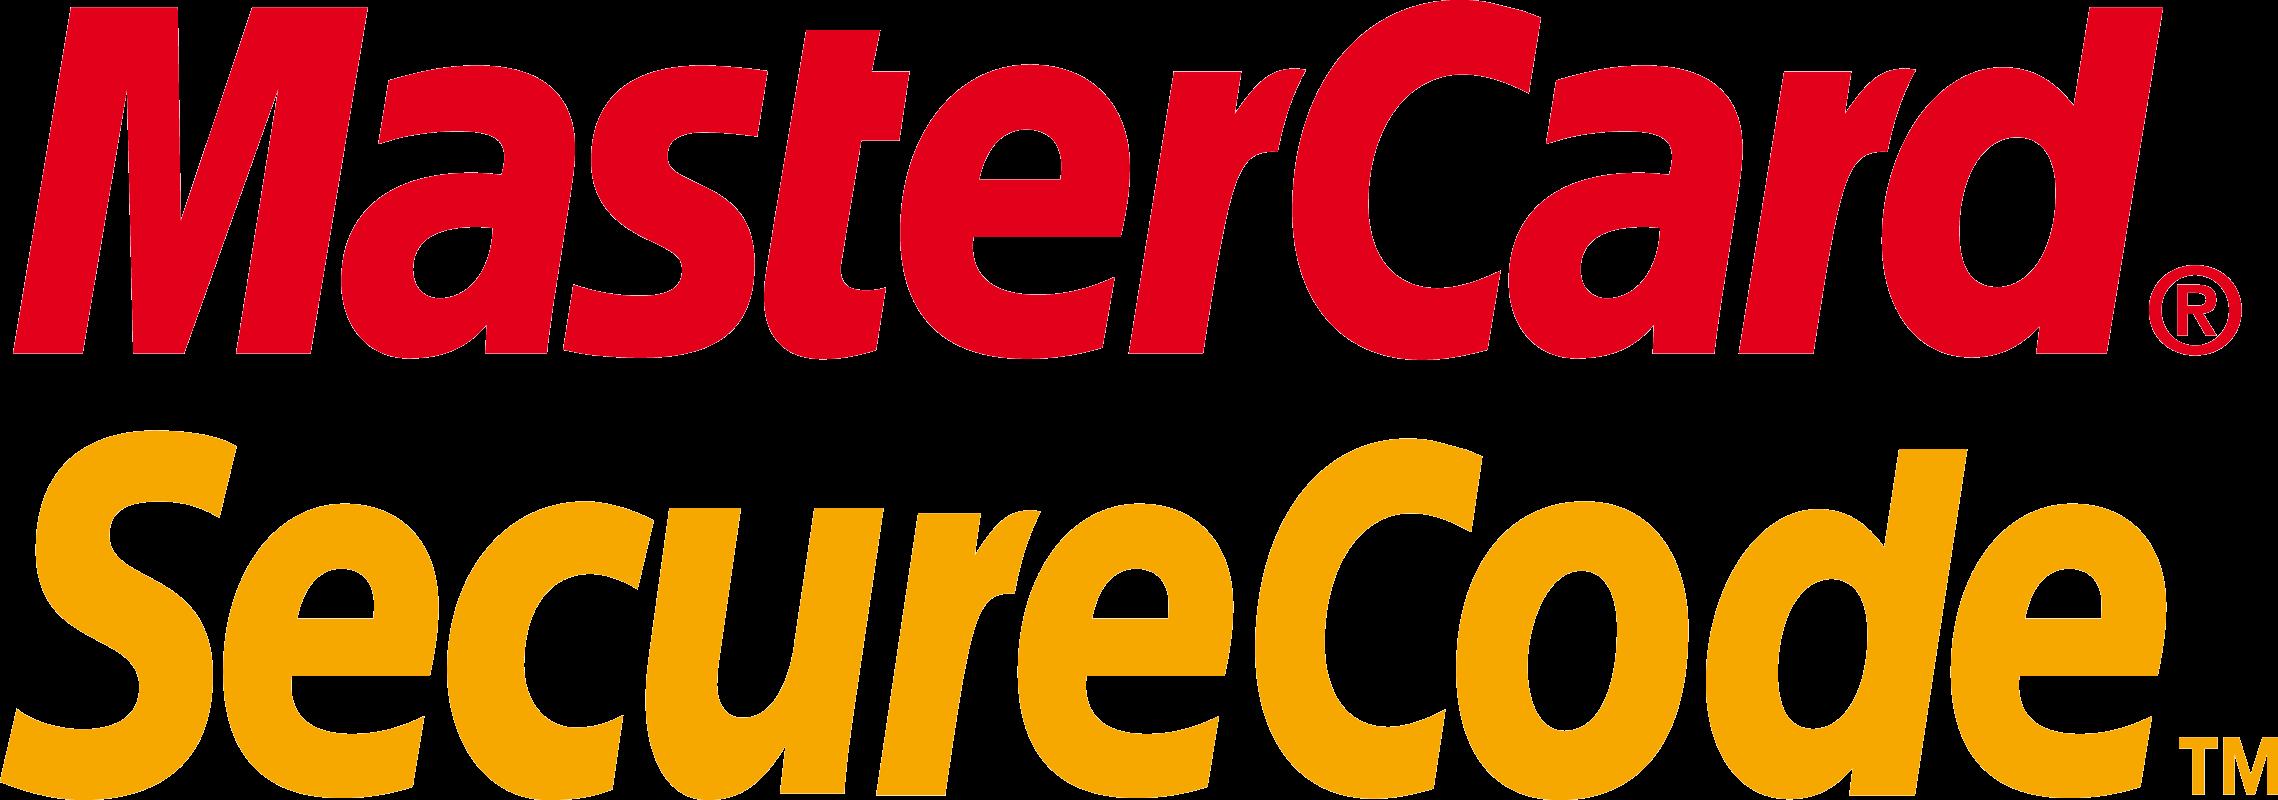 MasterCard SecuredCode